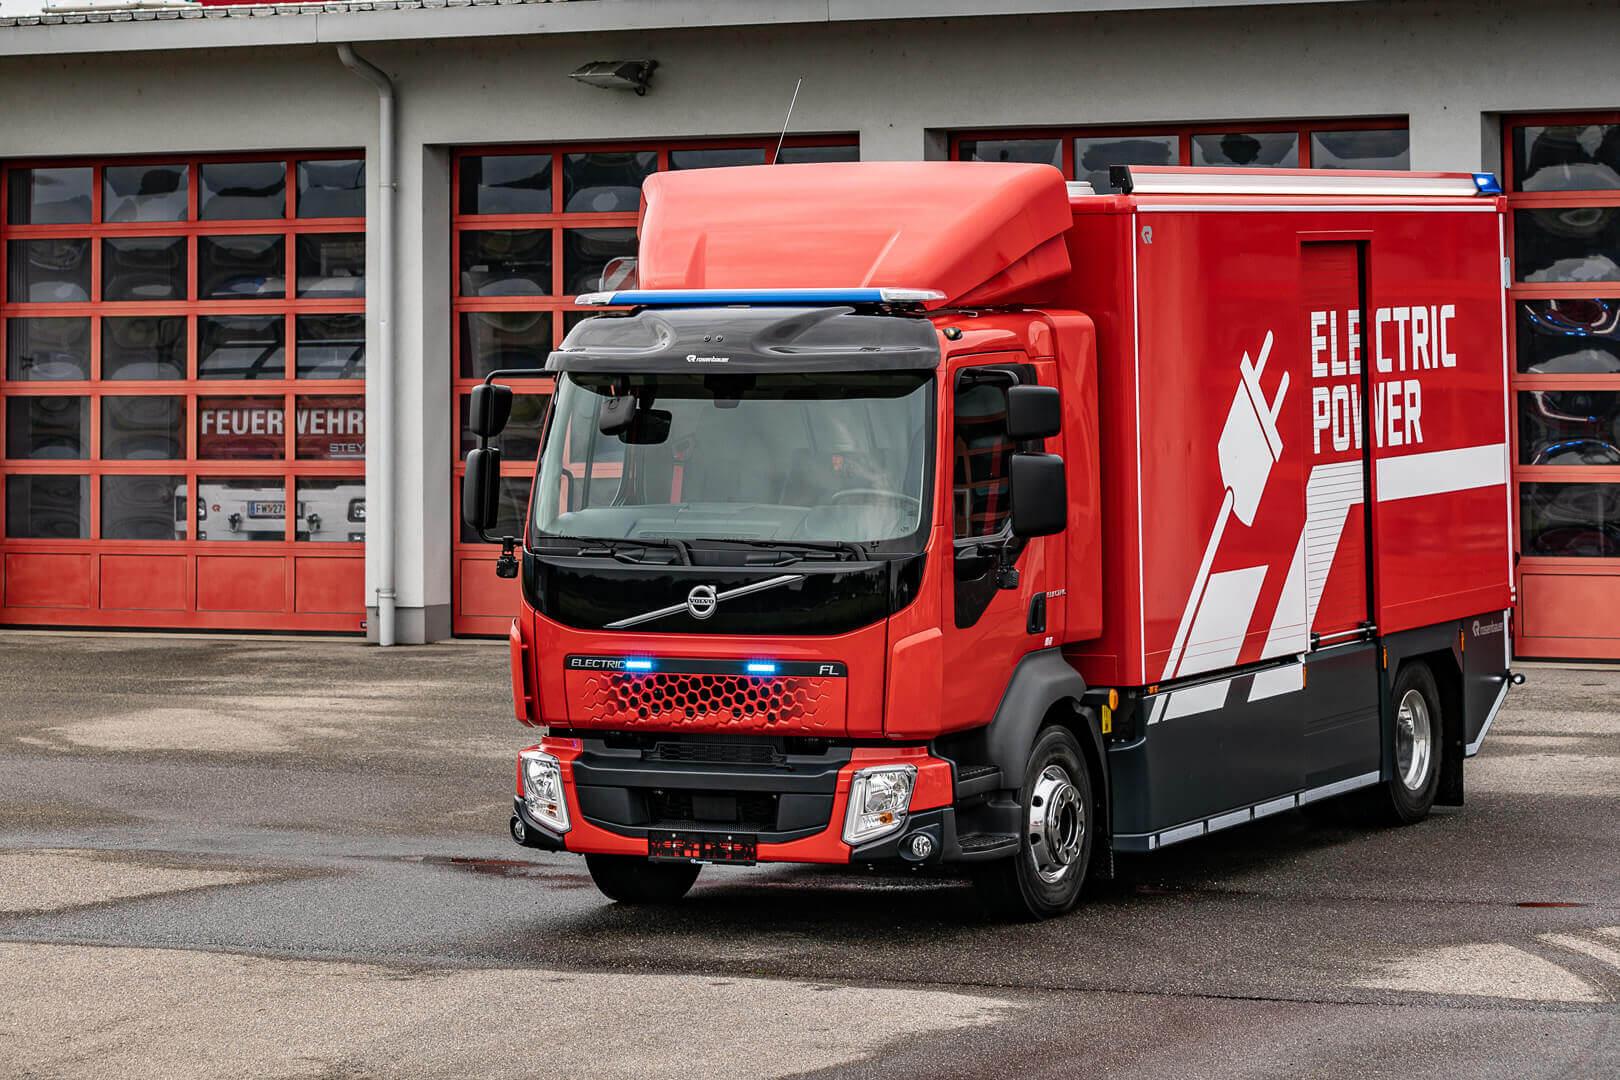 Поставщик пожарных автомобилей Rosenbauer и Volvo Trucks представили первую в мире пожарную машину с полным электрическим приводом на серийном шасси Volvo FL Electric